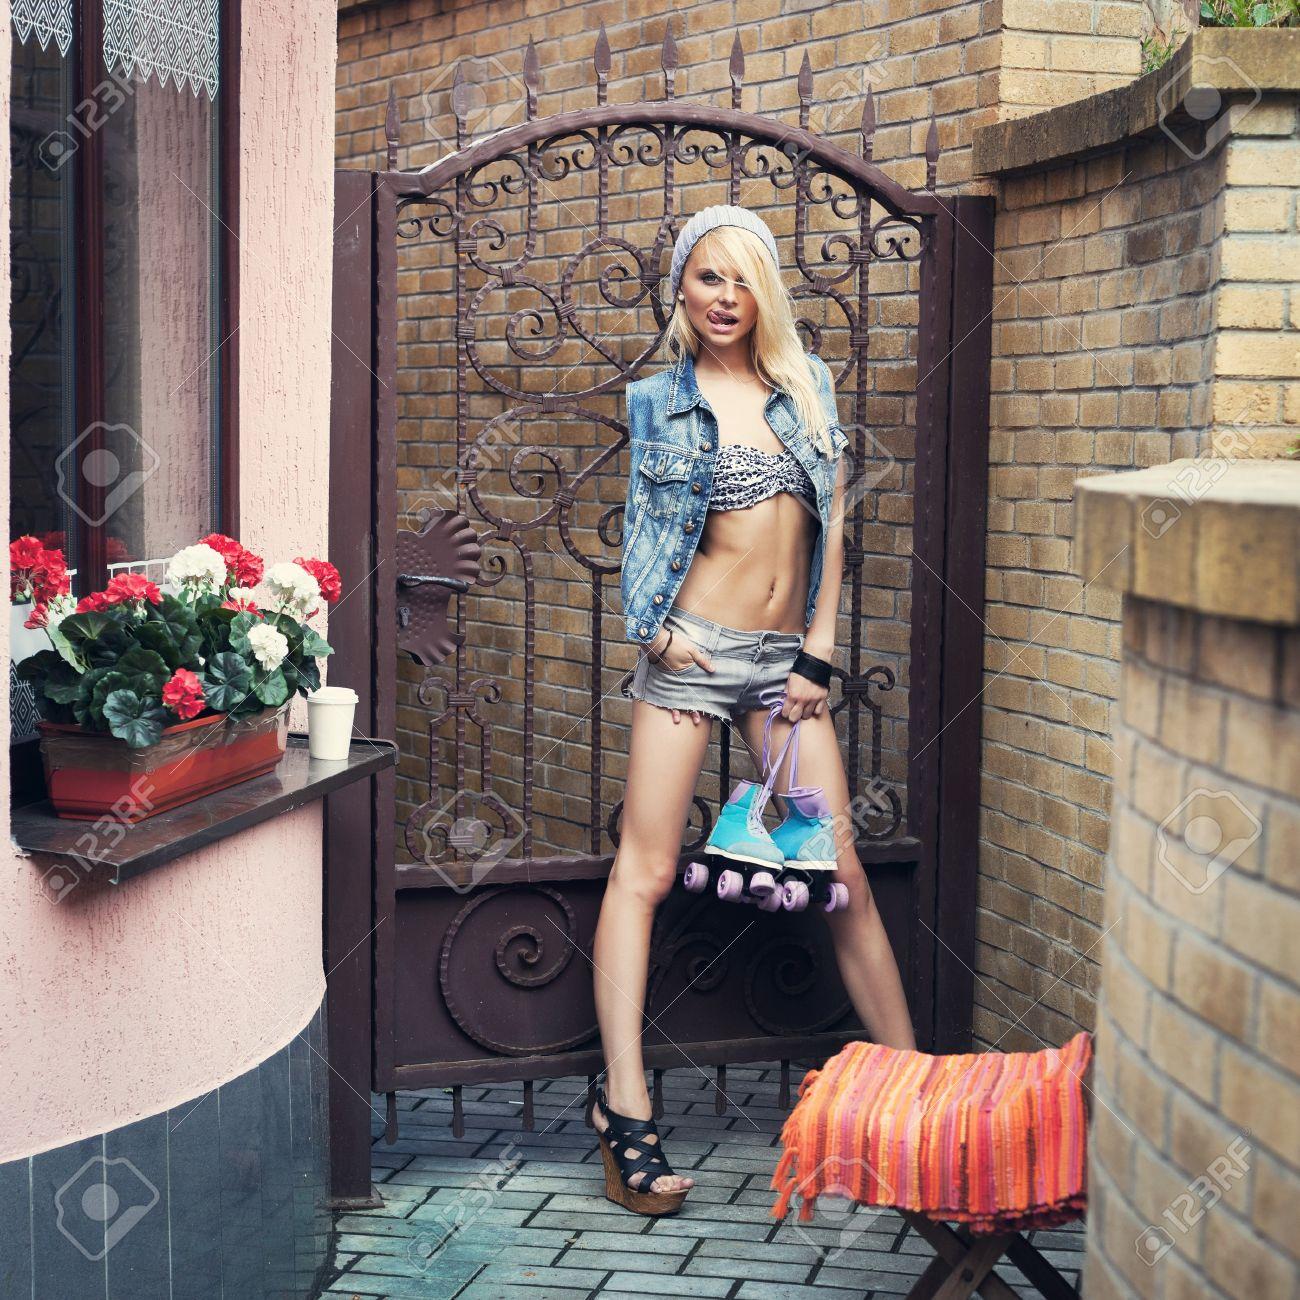 Симпатичная блондинка в джинсовых шортах